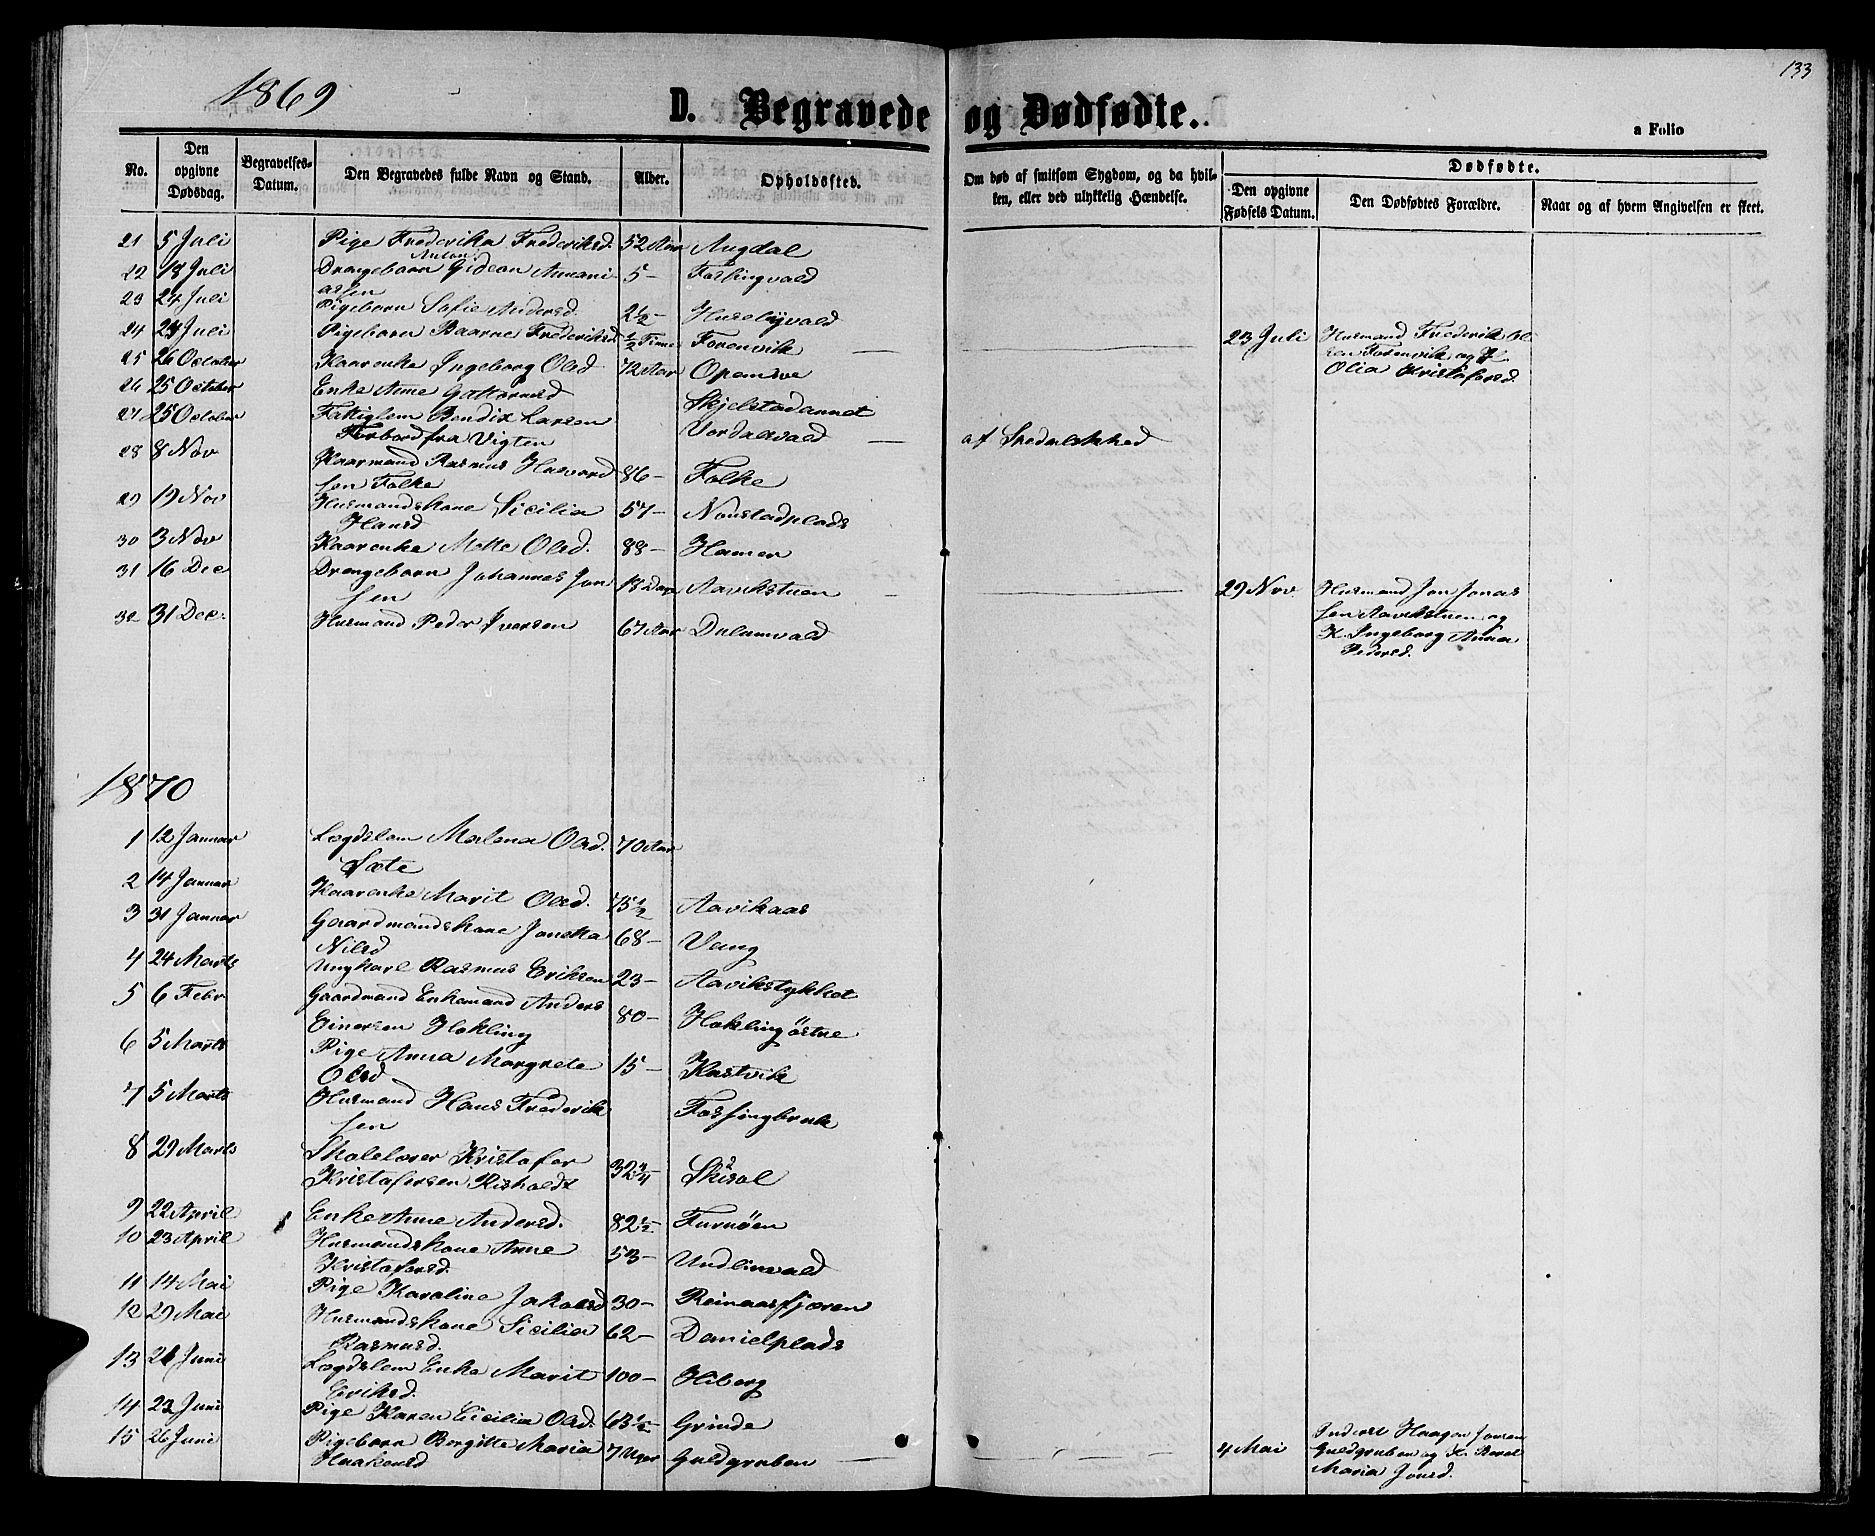 SAT, Ministerialprotokoller, klokkerbøker og fødselsregistre - Nord-Trøndelag, 714/L0133: Klokkerbok nr. 714C02, 1865-1877, s. 133